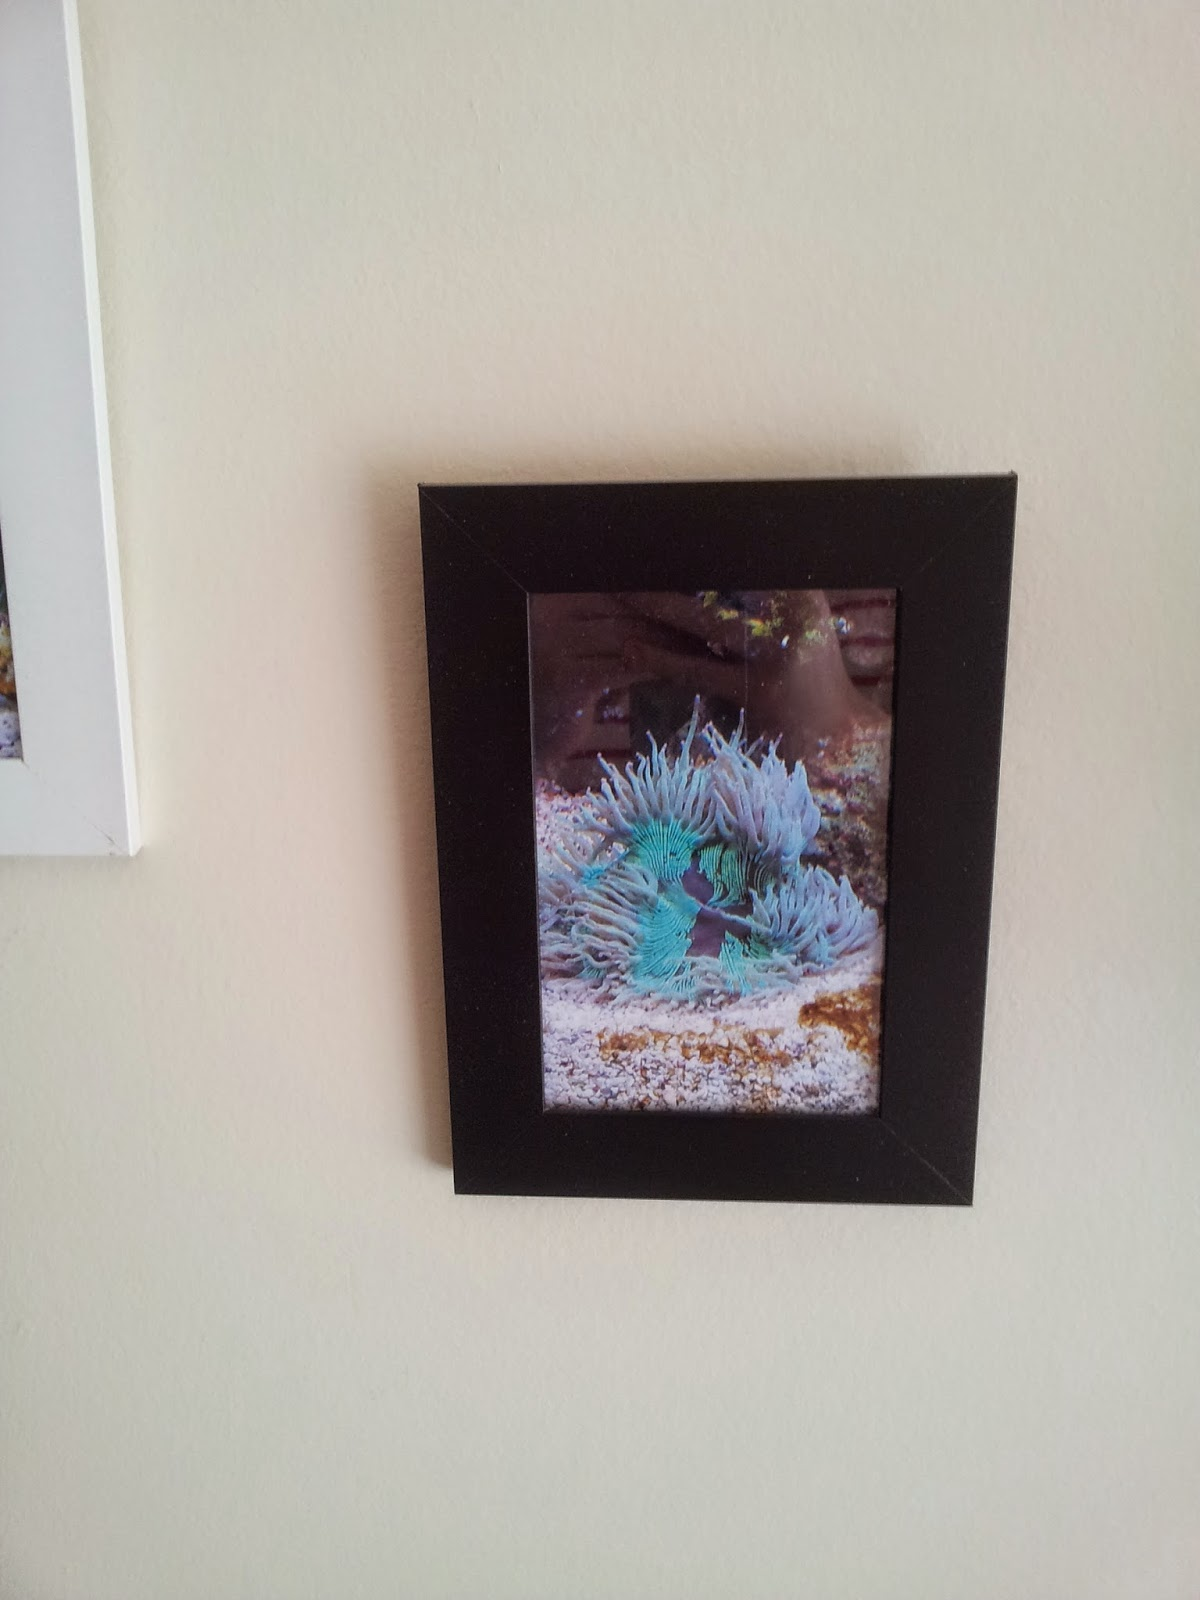 La vie d 39 une petite caille diy cadre aquarium for Aquarium cadre